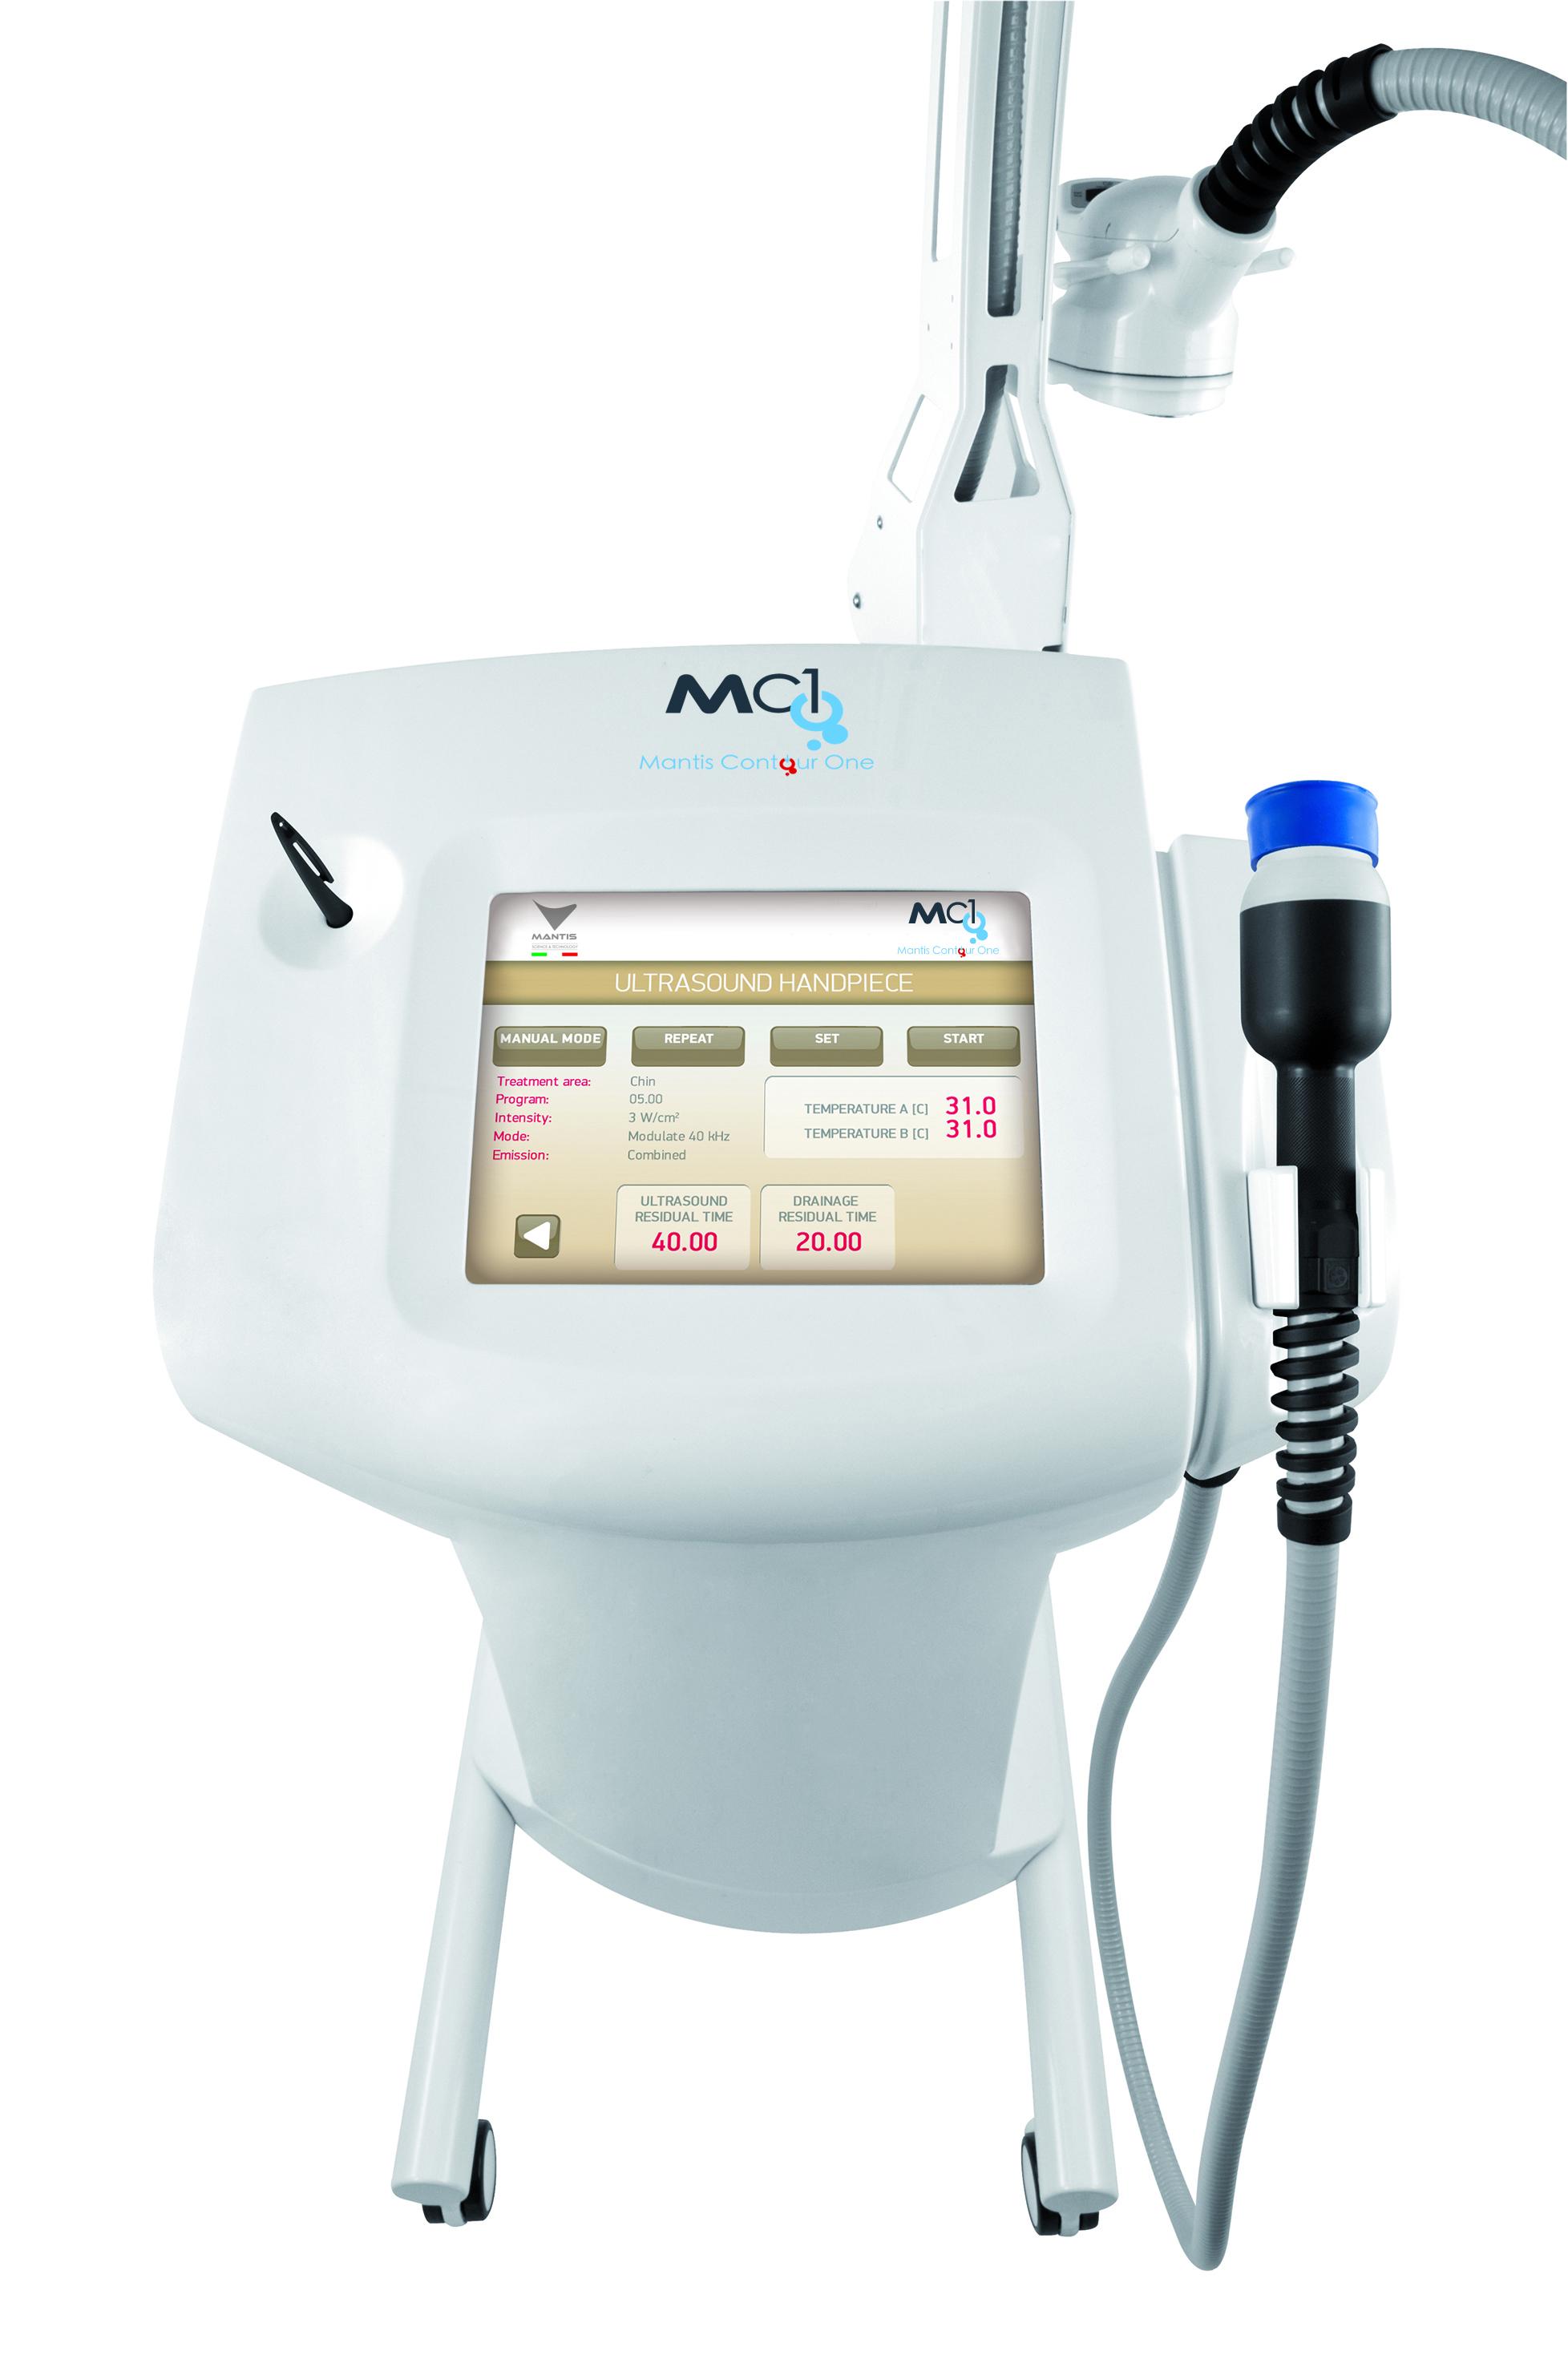 Nuova macchina MC1